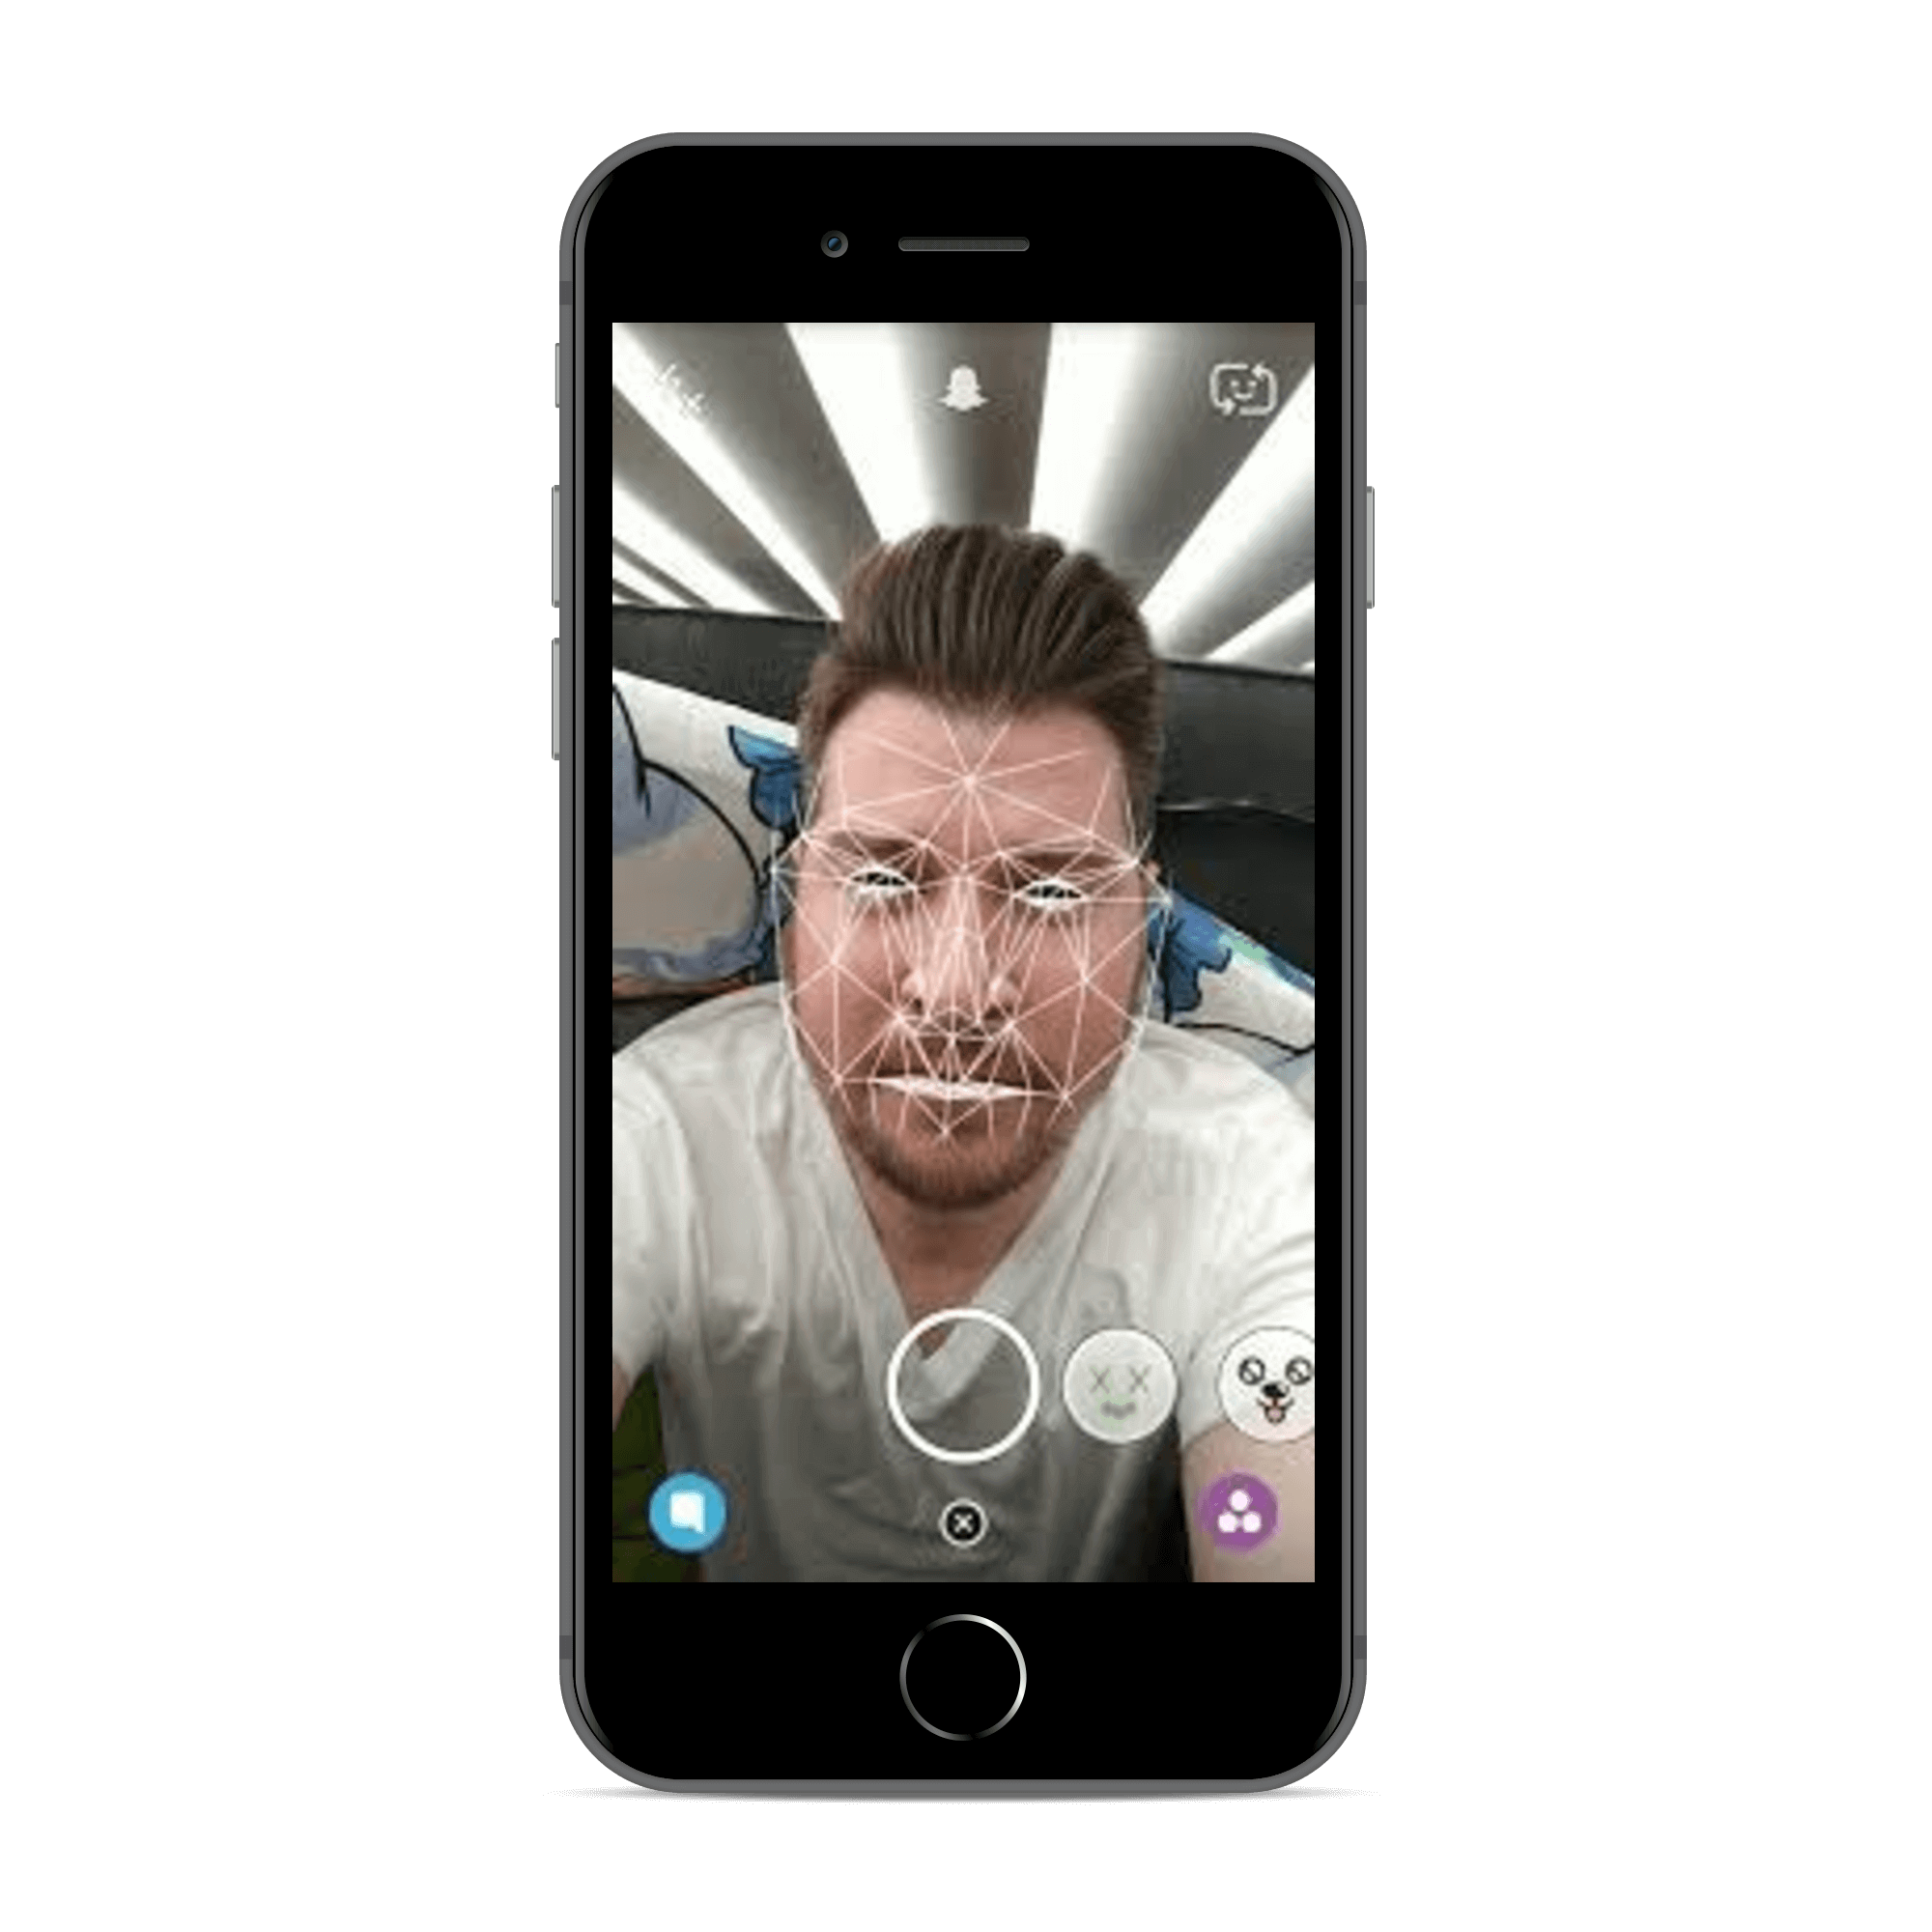 Snapchat AR